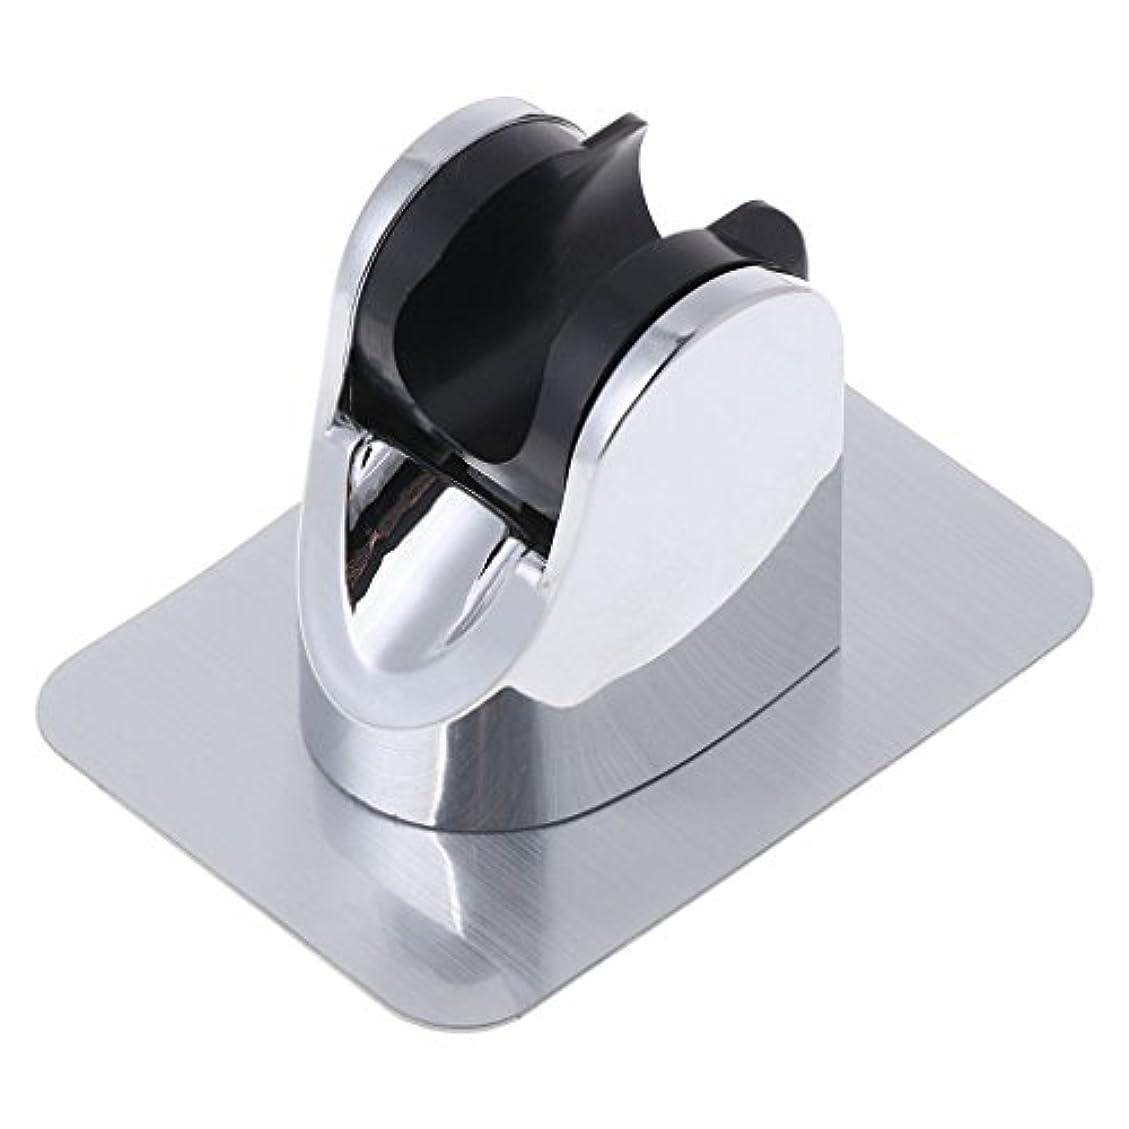 可能代表ハンディLamdooヘッドホルダー調節可能ドリルブラケットマウントシャワーハンドなしステッカー